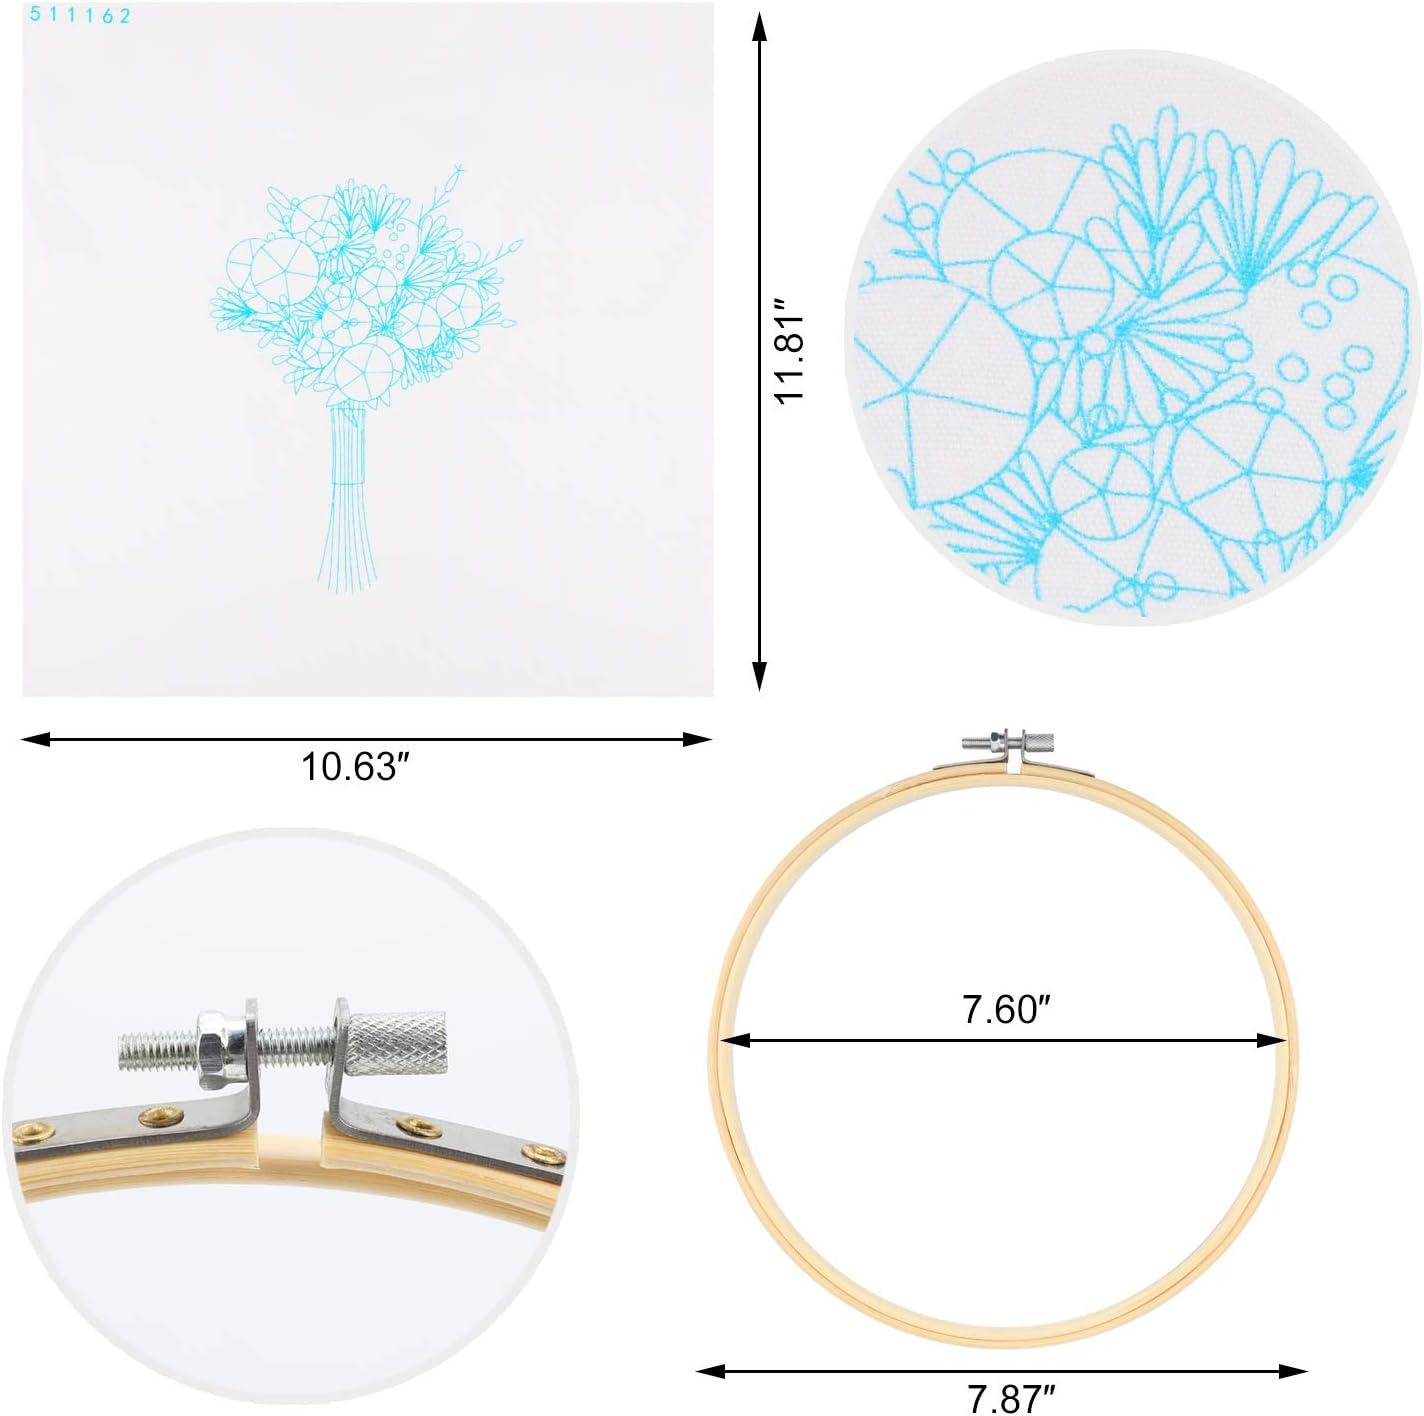 MWOOT 3D Point de Croix Starter Kit avec Motif de Bouquet DIY Style europ/éen Cross Stitch Embroidery Starter Kit,Kit de Couture /à la Main pour Adultes D/ébutant,Rose